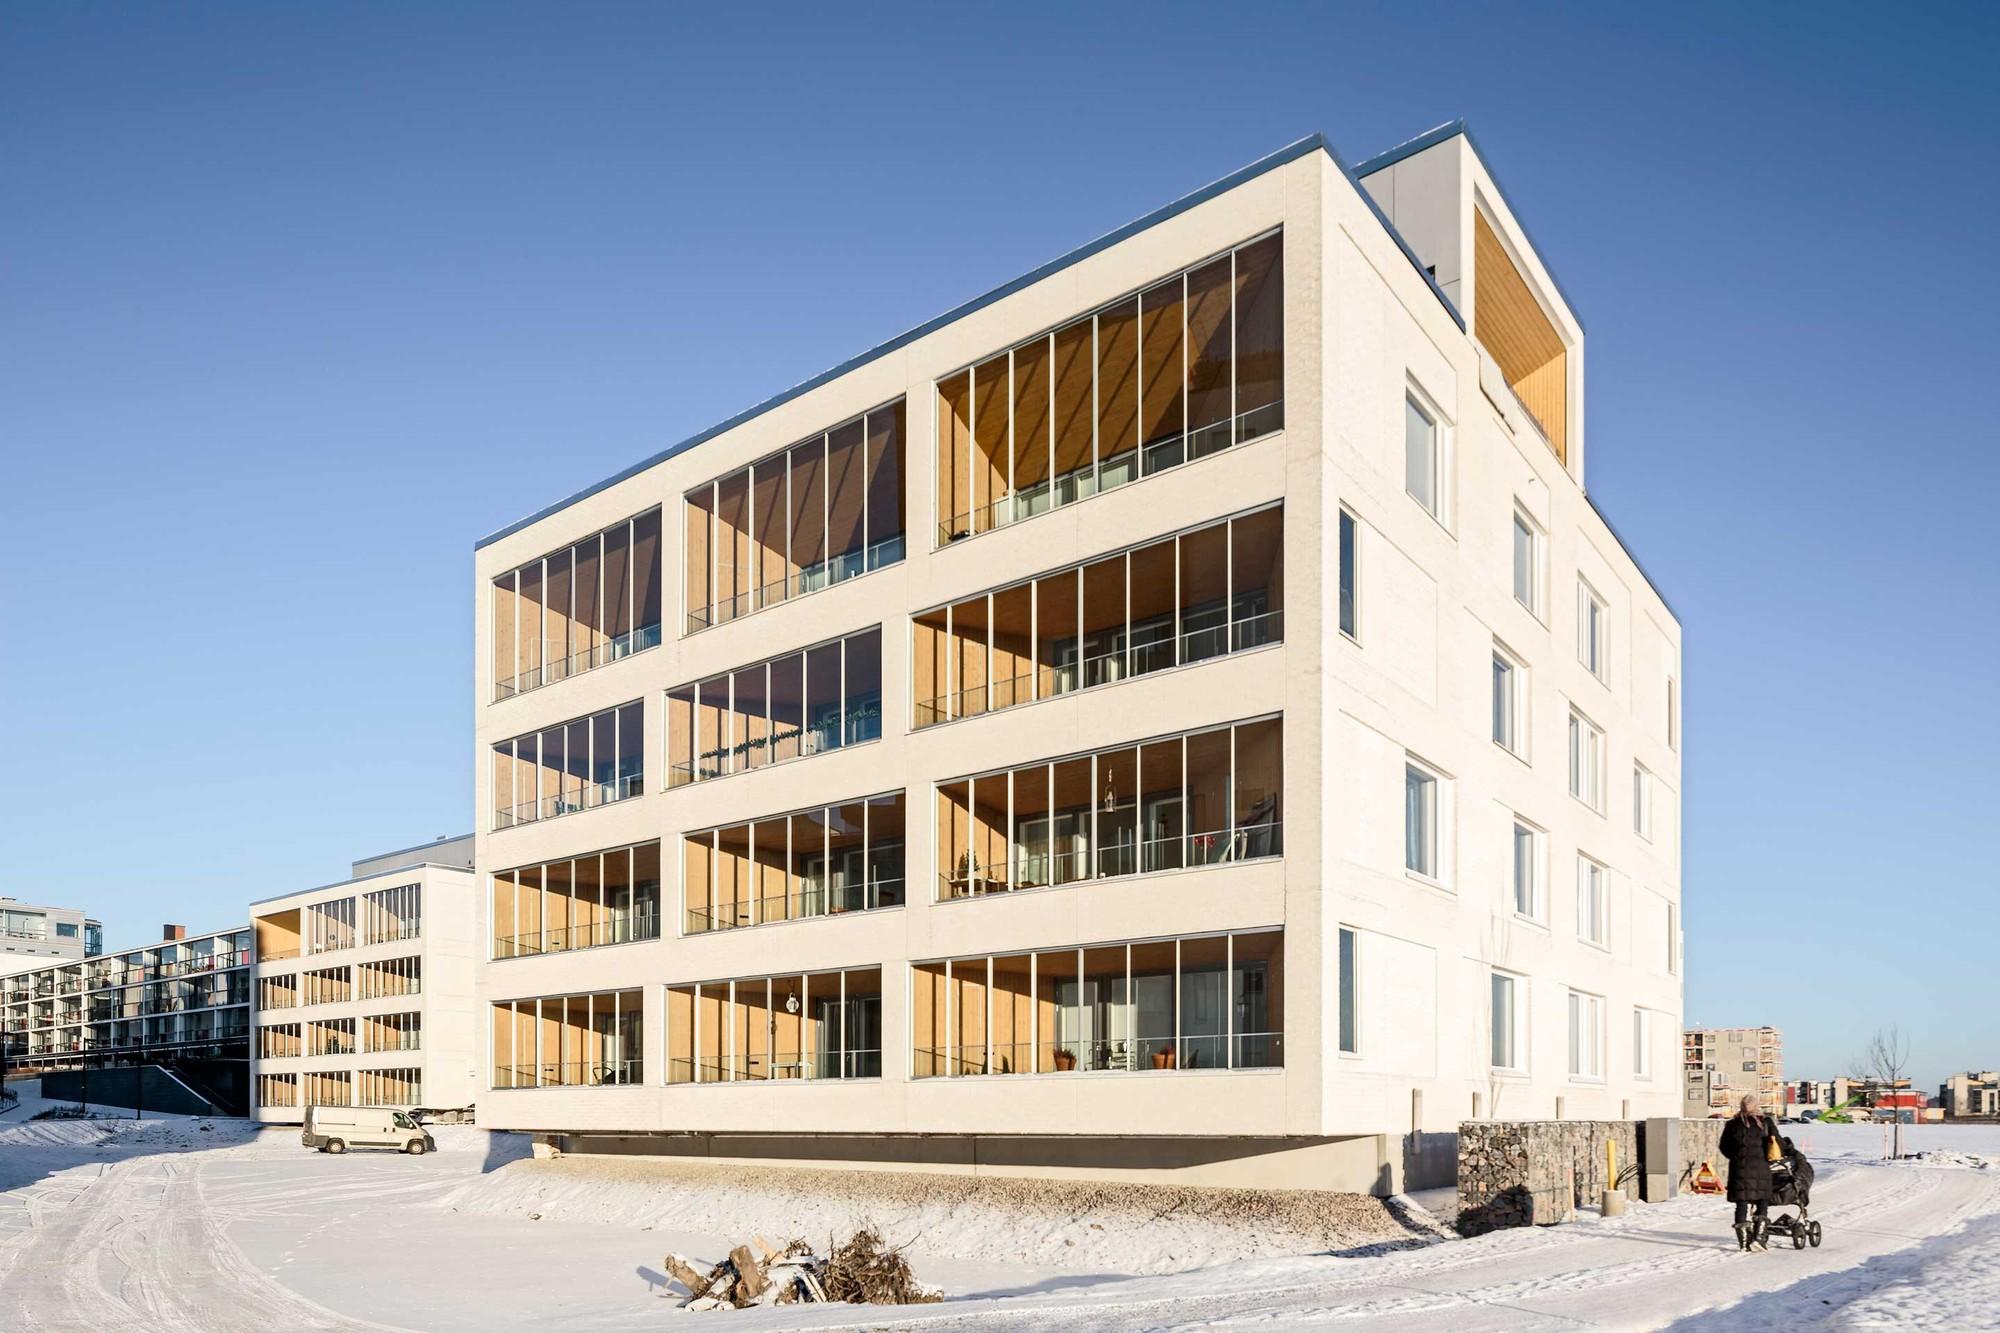 Kotisaarenkatu Housing / Playa Arkkitehdit, © Tuomas Uusheimo